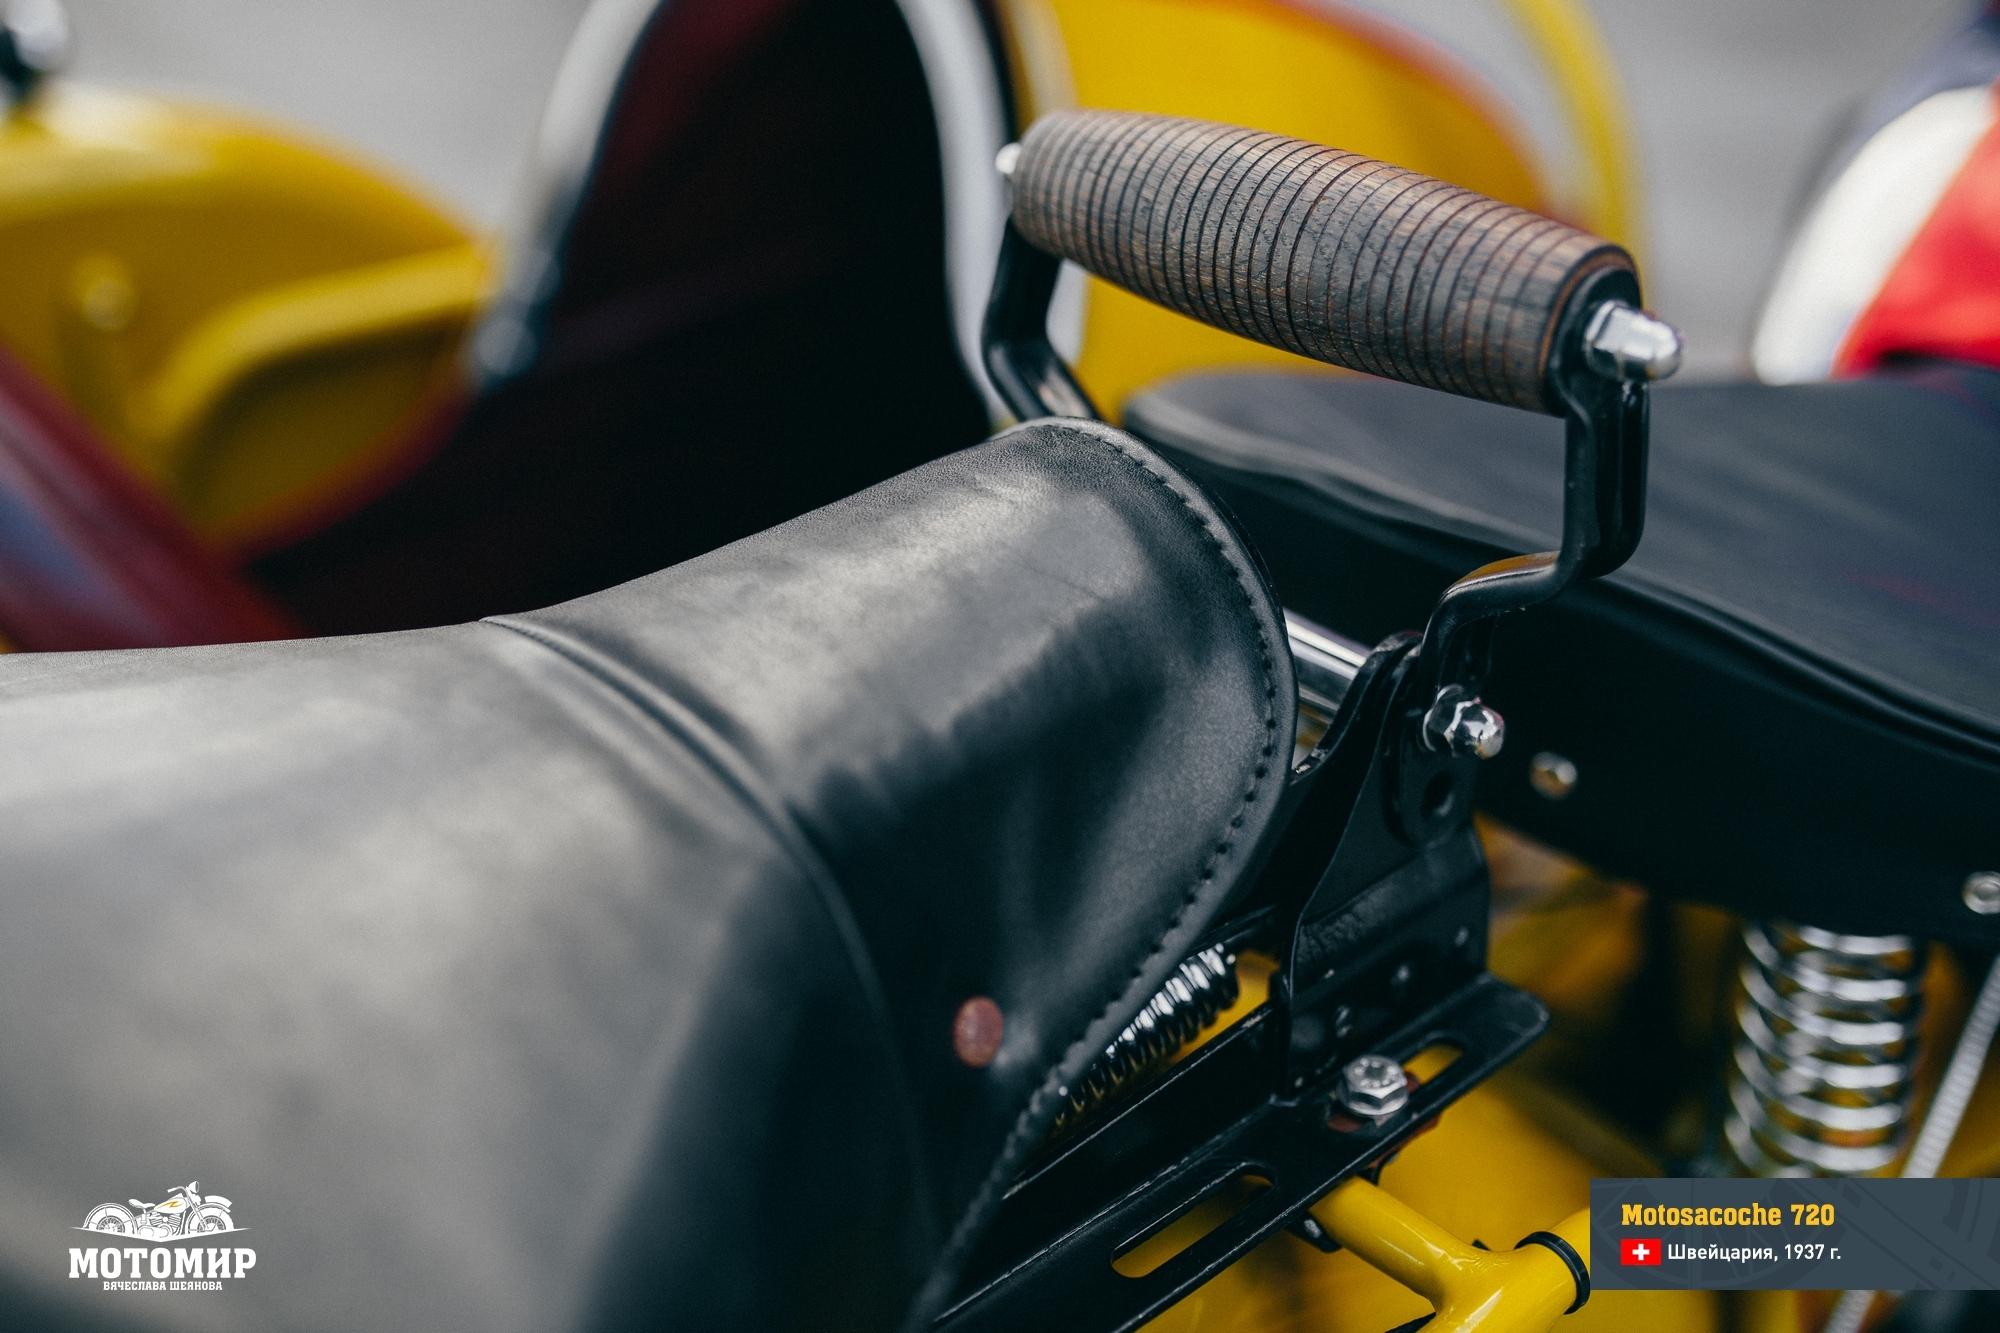 motosacoche-720-201510-web-44